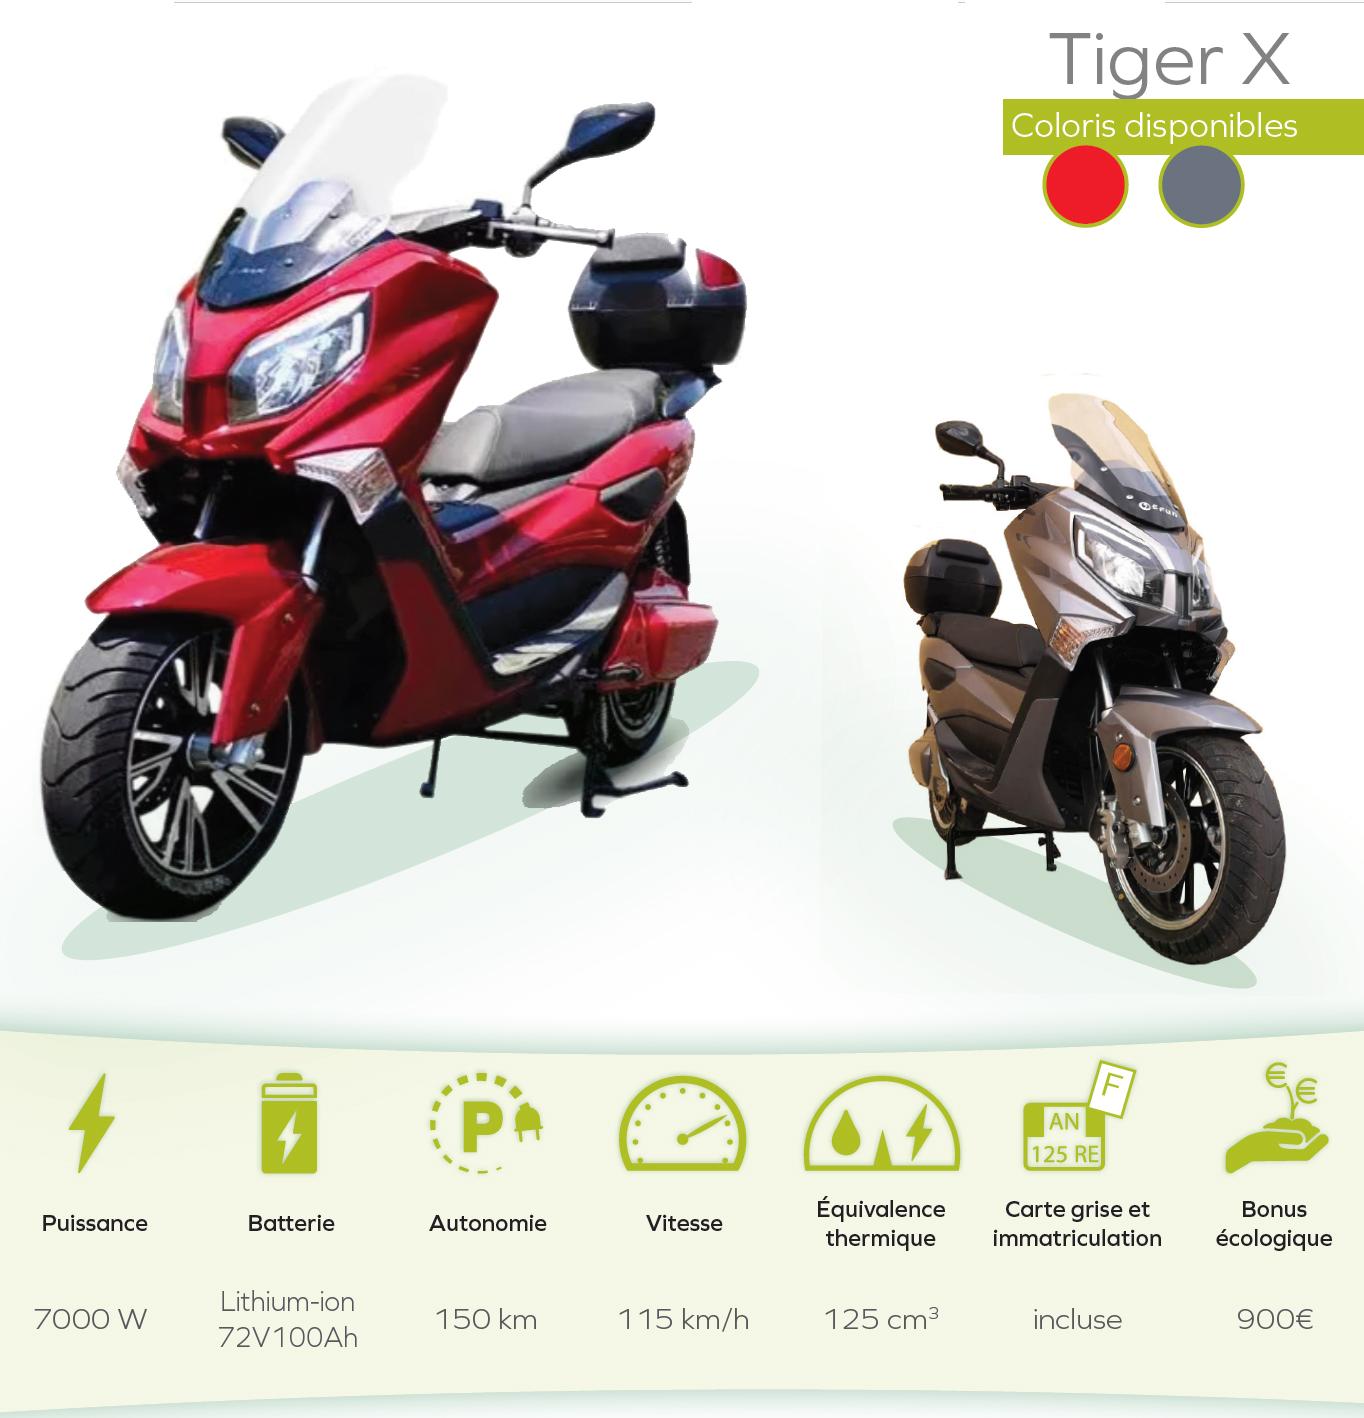 tigerX-recto.jpg